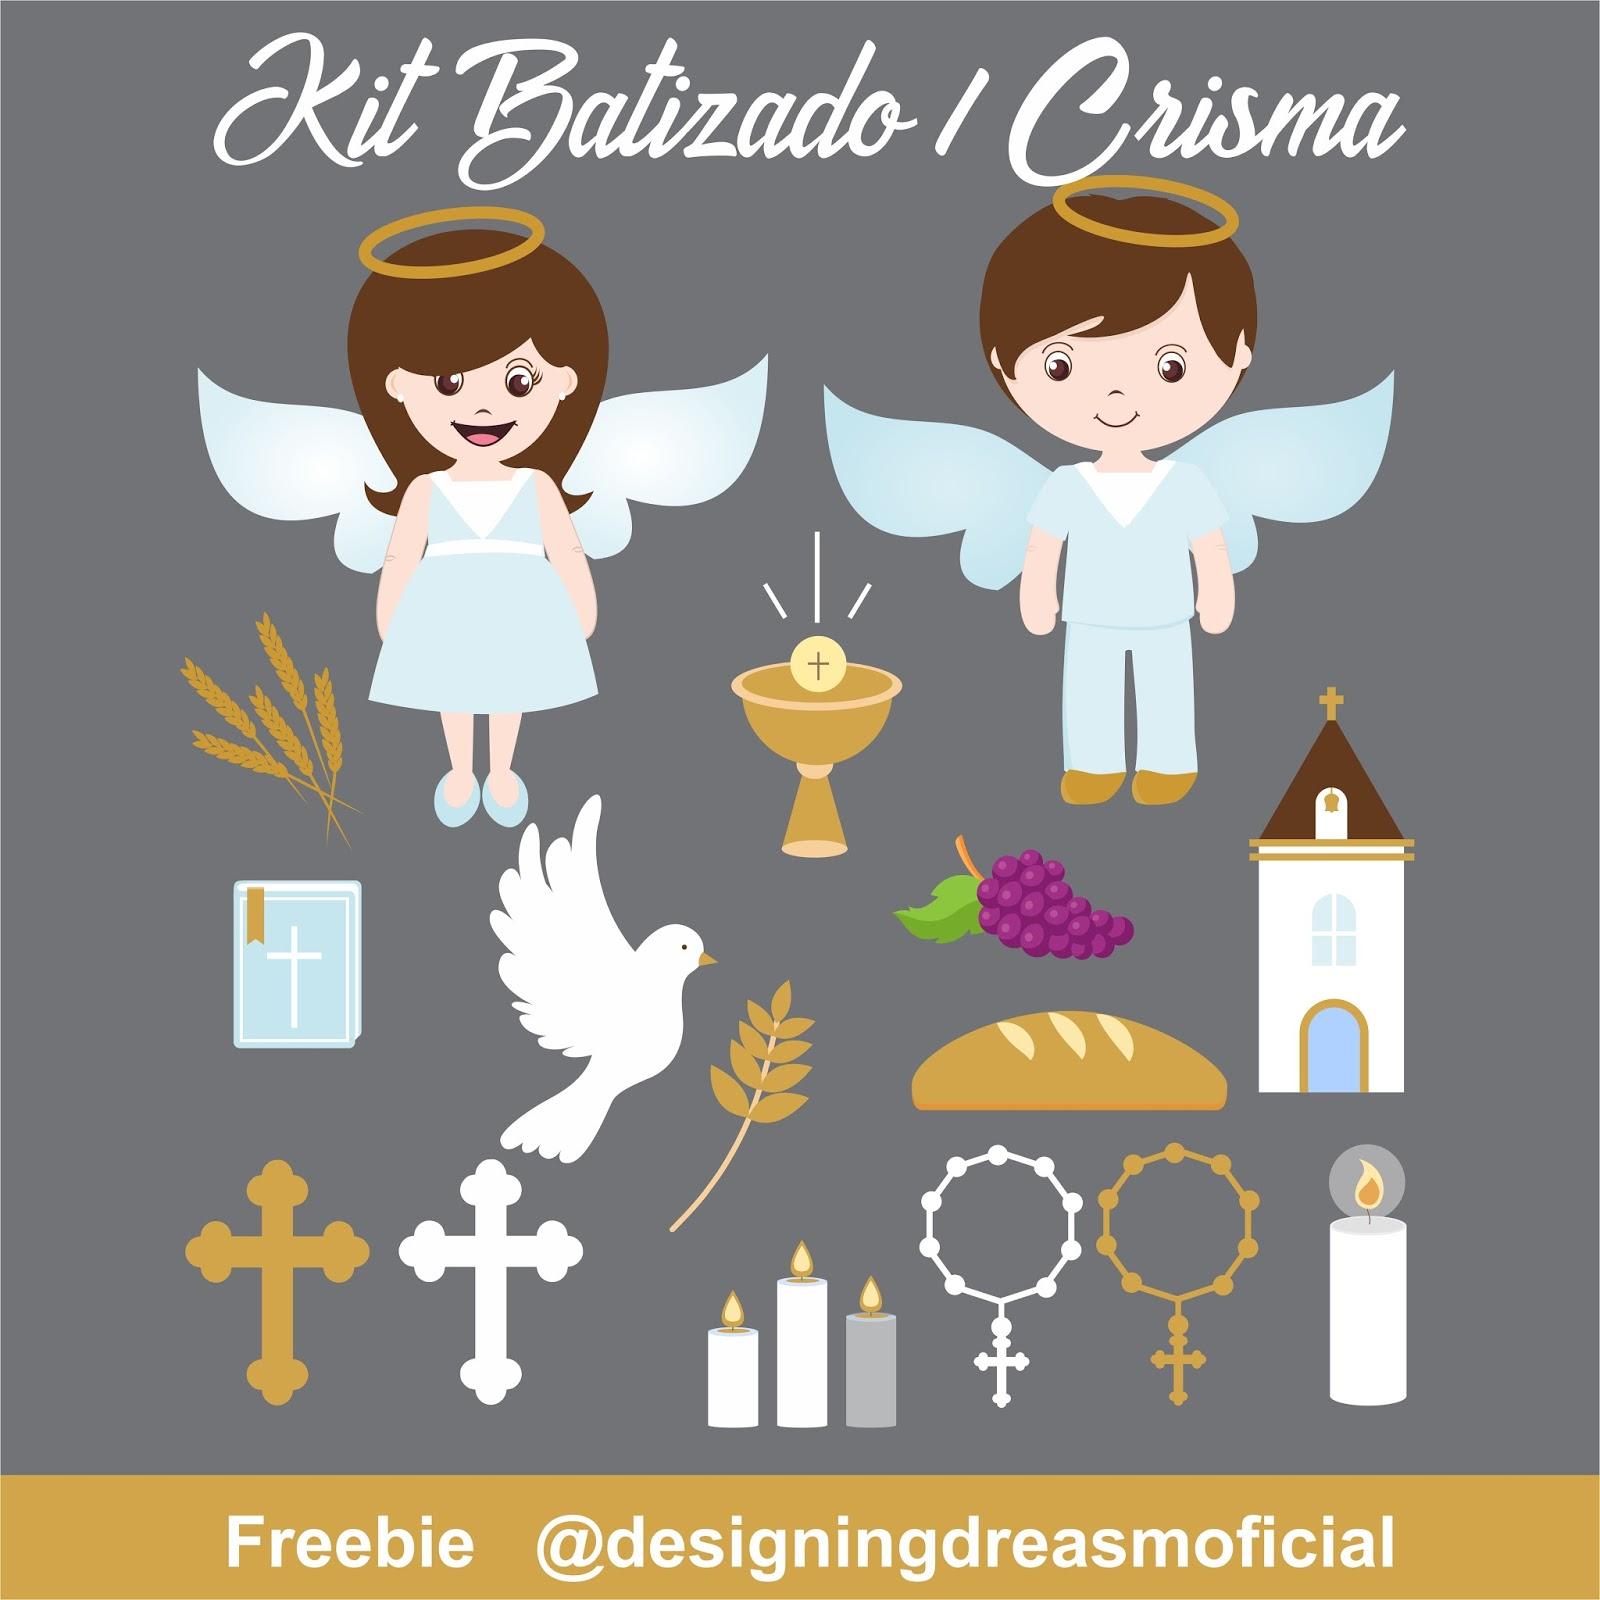 KIT DIGITAL BATIZADO/CRISMA GRÁTIS PARA BAIXAR CLIPARTS.